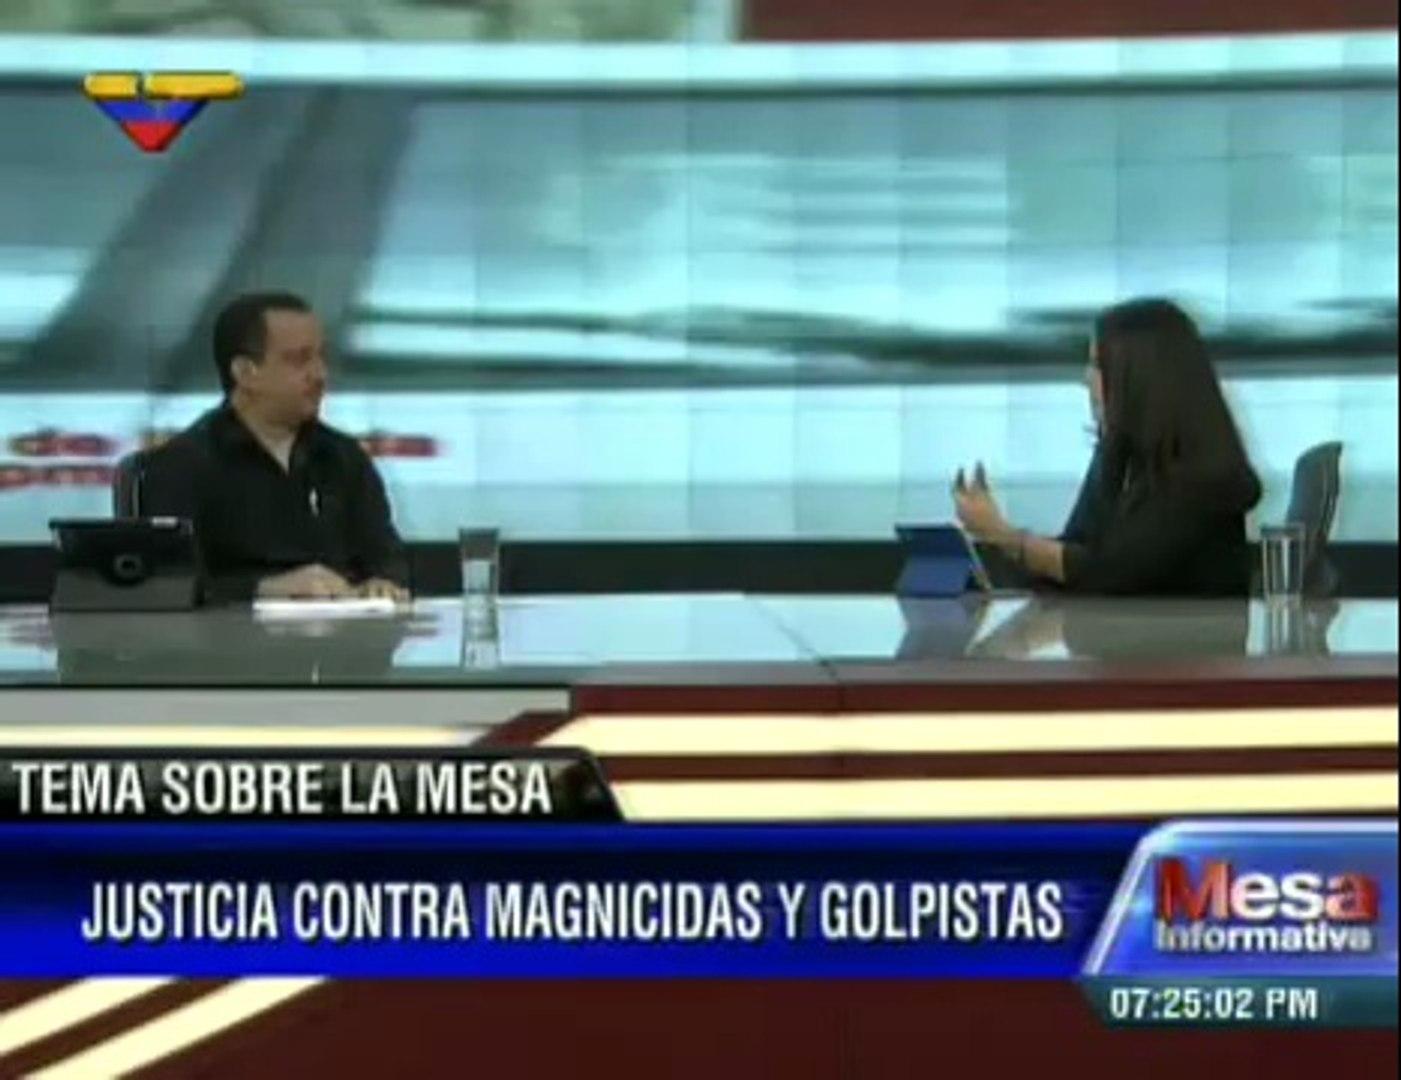 (Vídeo) Julio Chávez Desde 2011 existe plan para atentar contra el jefe de la Revolución